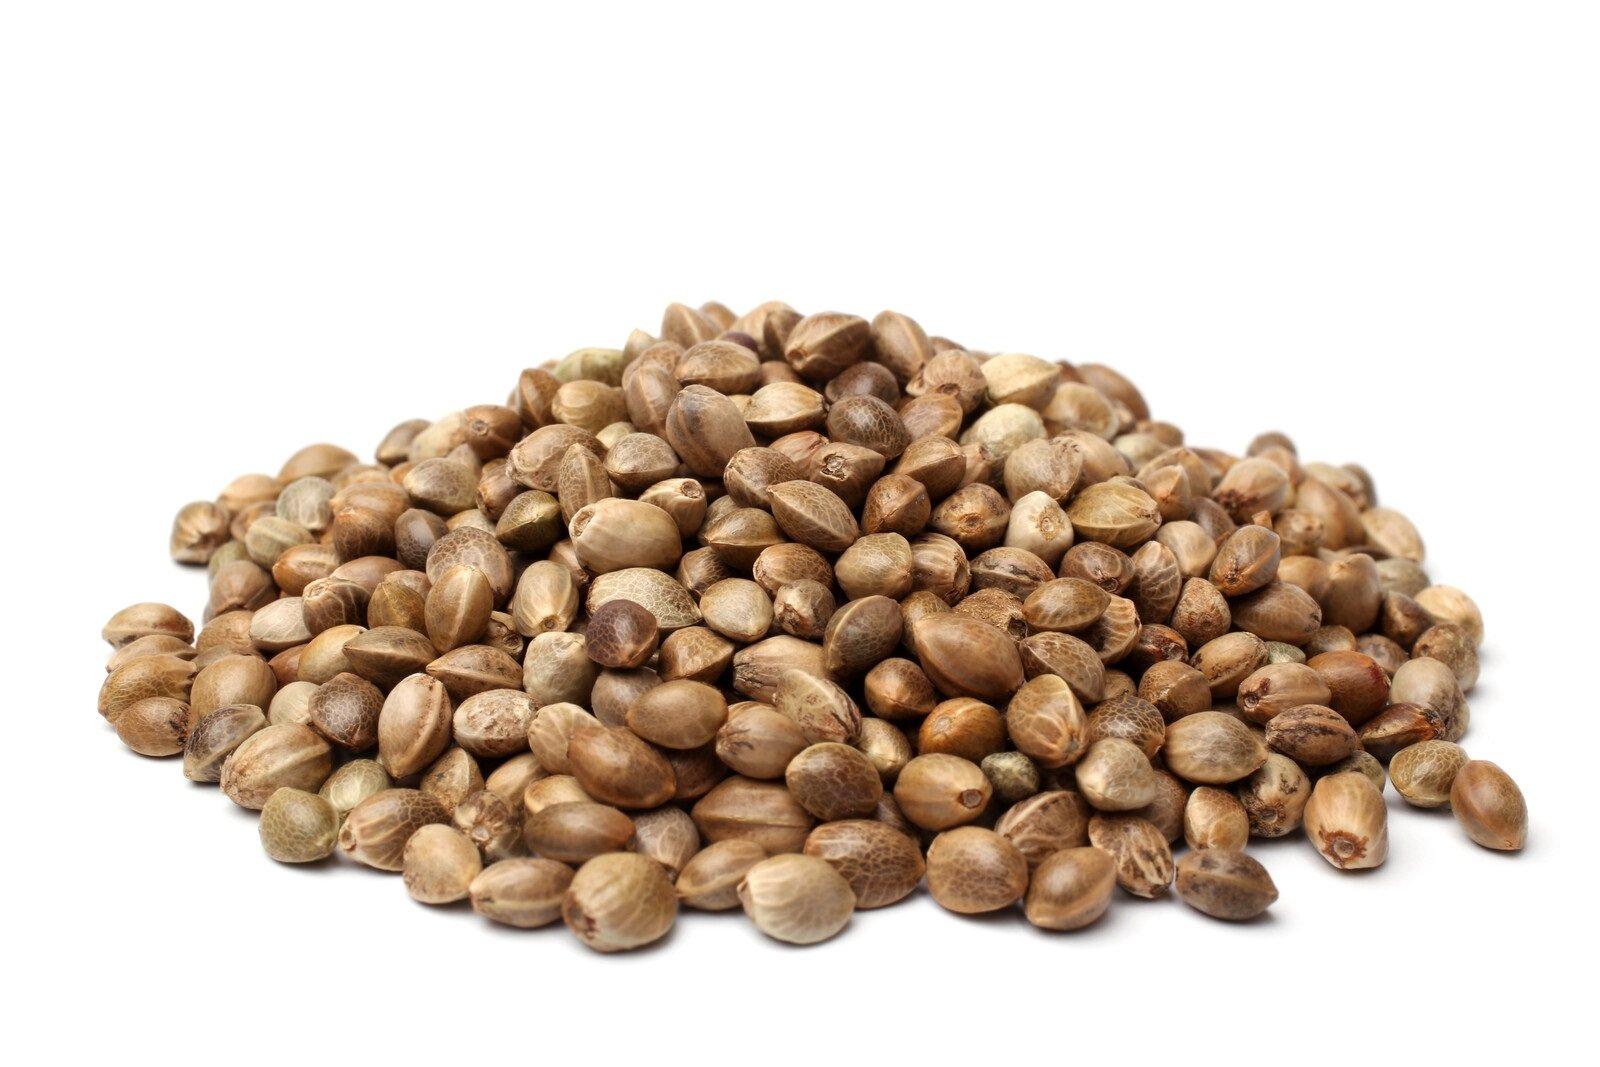 Bitcoin for cannabis seeds